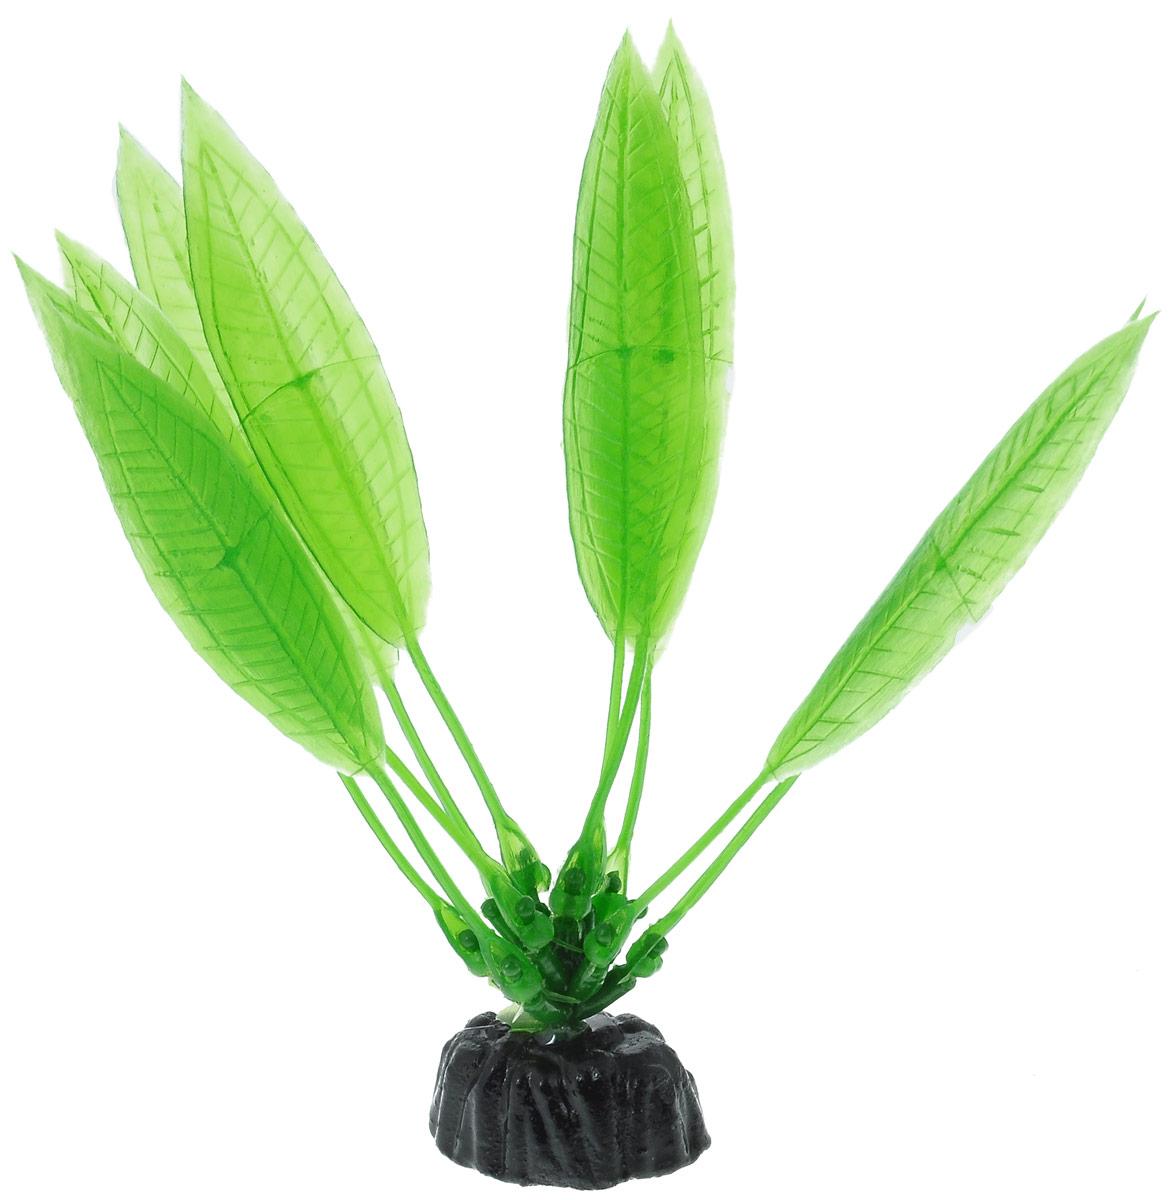 Растение для аквариума Barbus Эхинодорус амазонский, пластиковое, высота 10 смPlant 009/10Растение для аквариума Barbus Эхинодорус амазонский, выполненное из качественного пластика, станет оригинальным украшением вашего аквариума. Пластиковое растение идеально подходит для дизайна всех видов аквариумов. Оно абсолютно безопасно, не токсично, нейтрально к водному балансу, устойчиво к истиранию краски, подходит как для пресноводного, так и для морского аквариума. Растение для аквариума Barbus поможет вам смоделировать потрясающий пейзаж на дне вашего аквариума или террариума. Высота растения: 10 см.